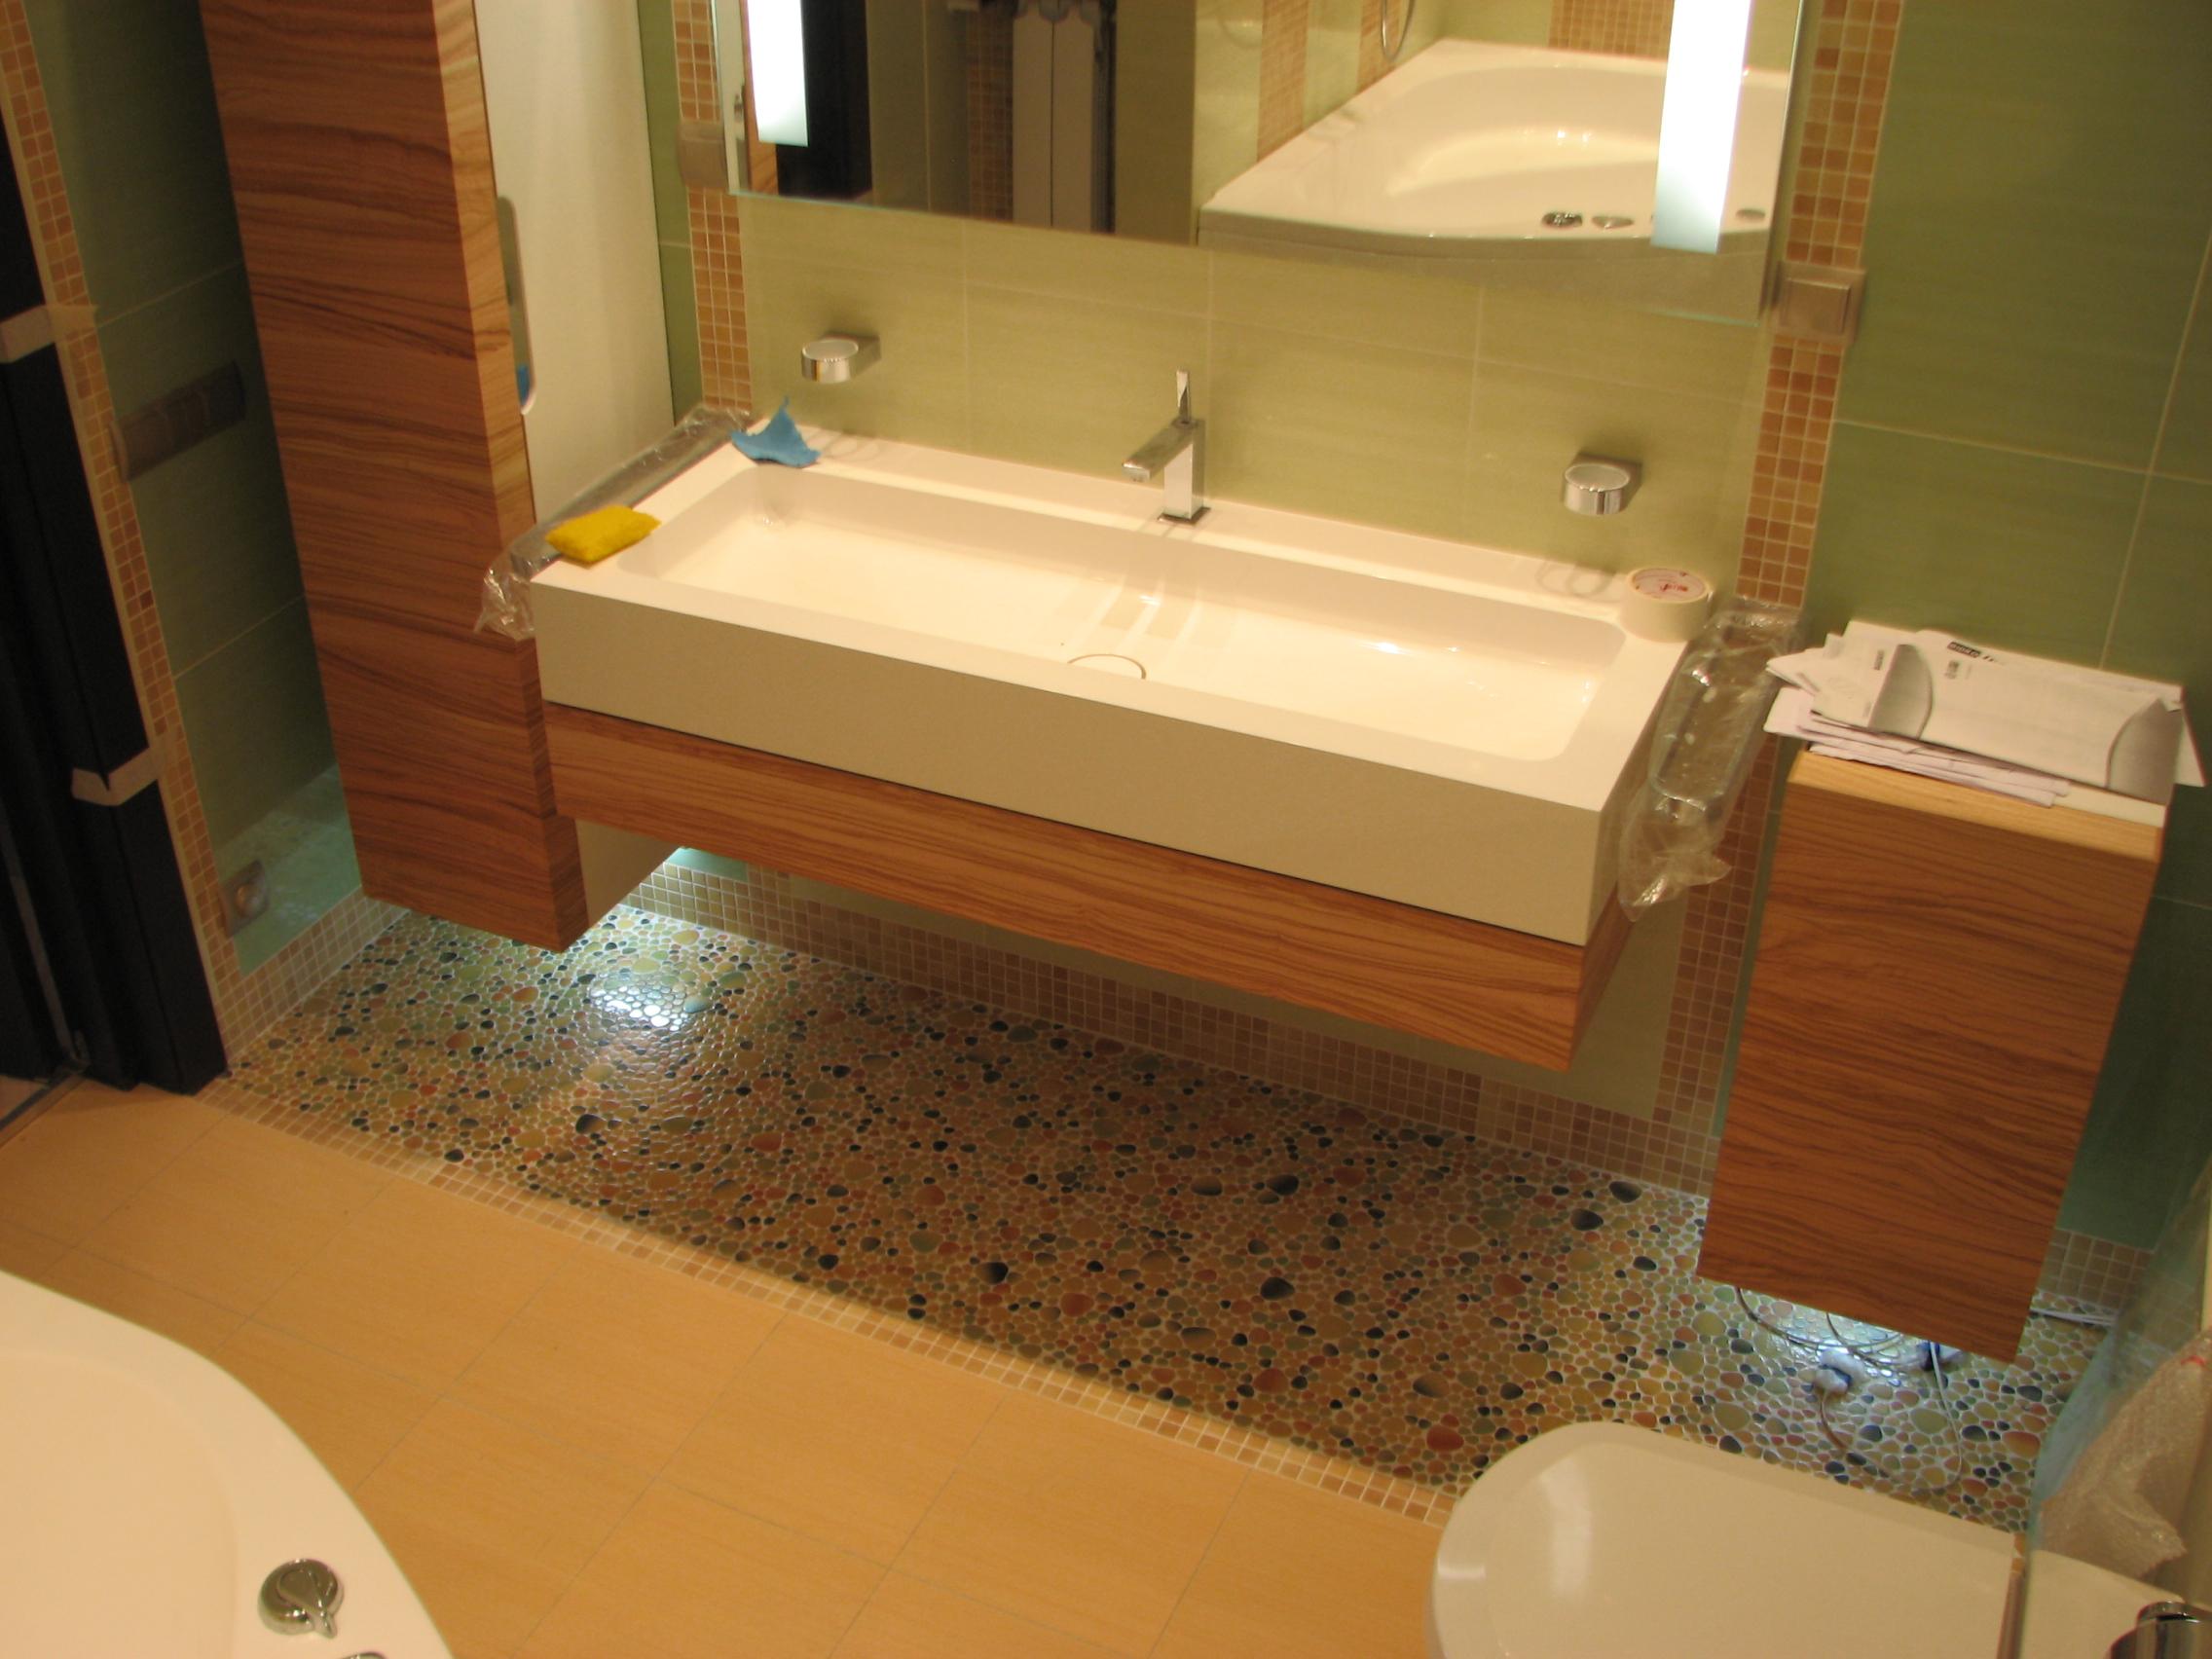 Квартира на ул. Нежинская. Хозяйская ванна.